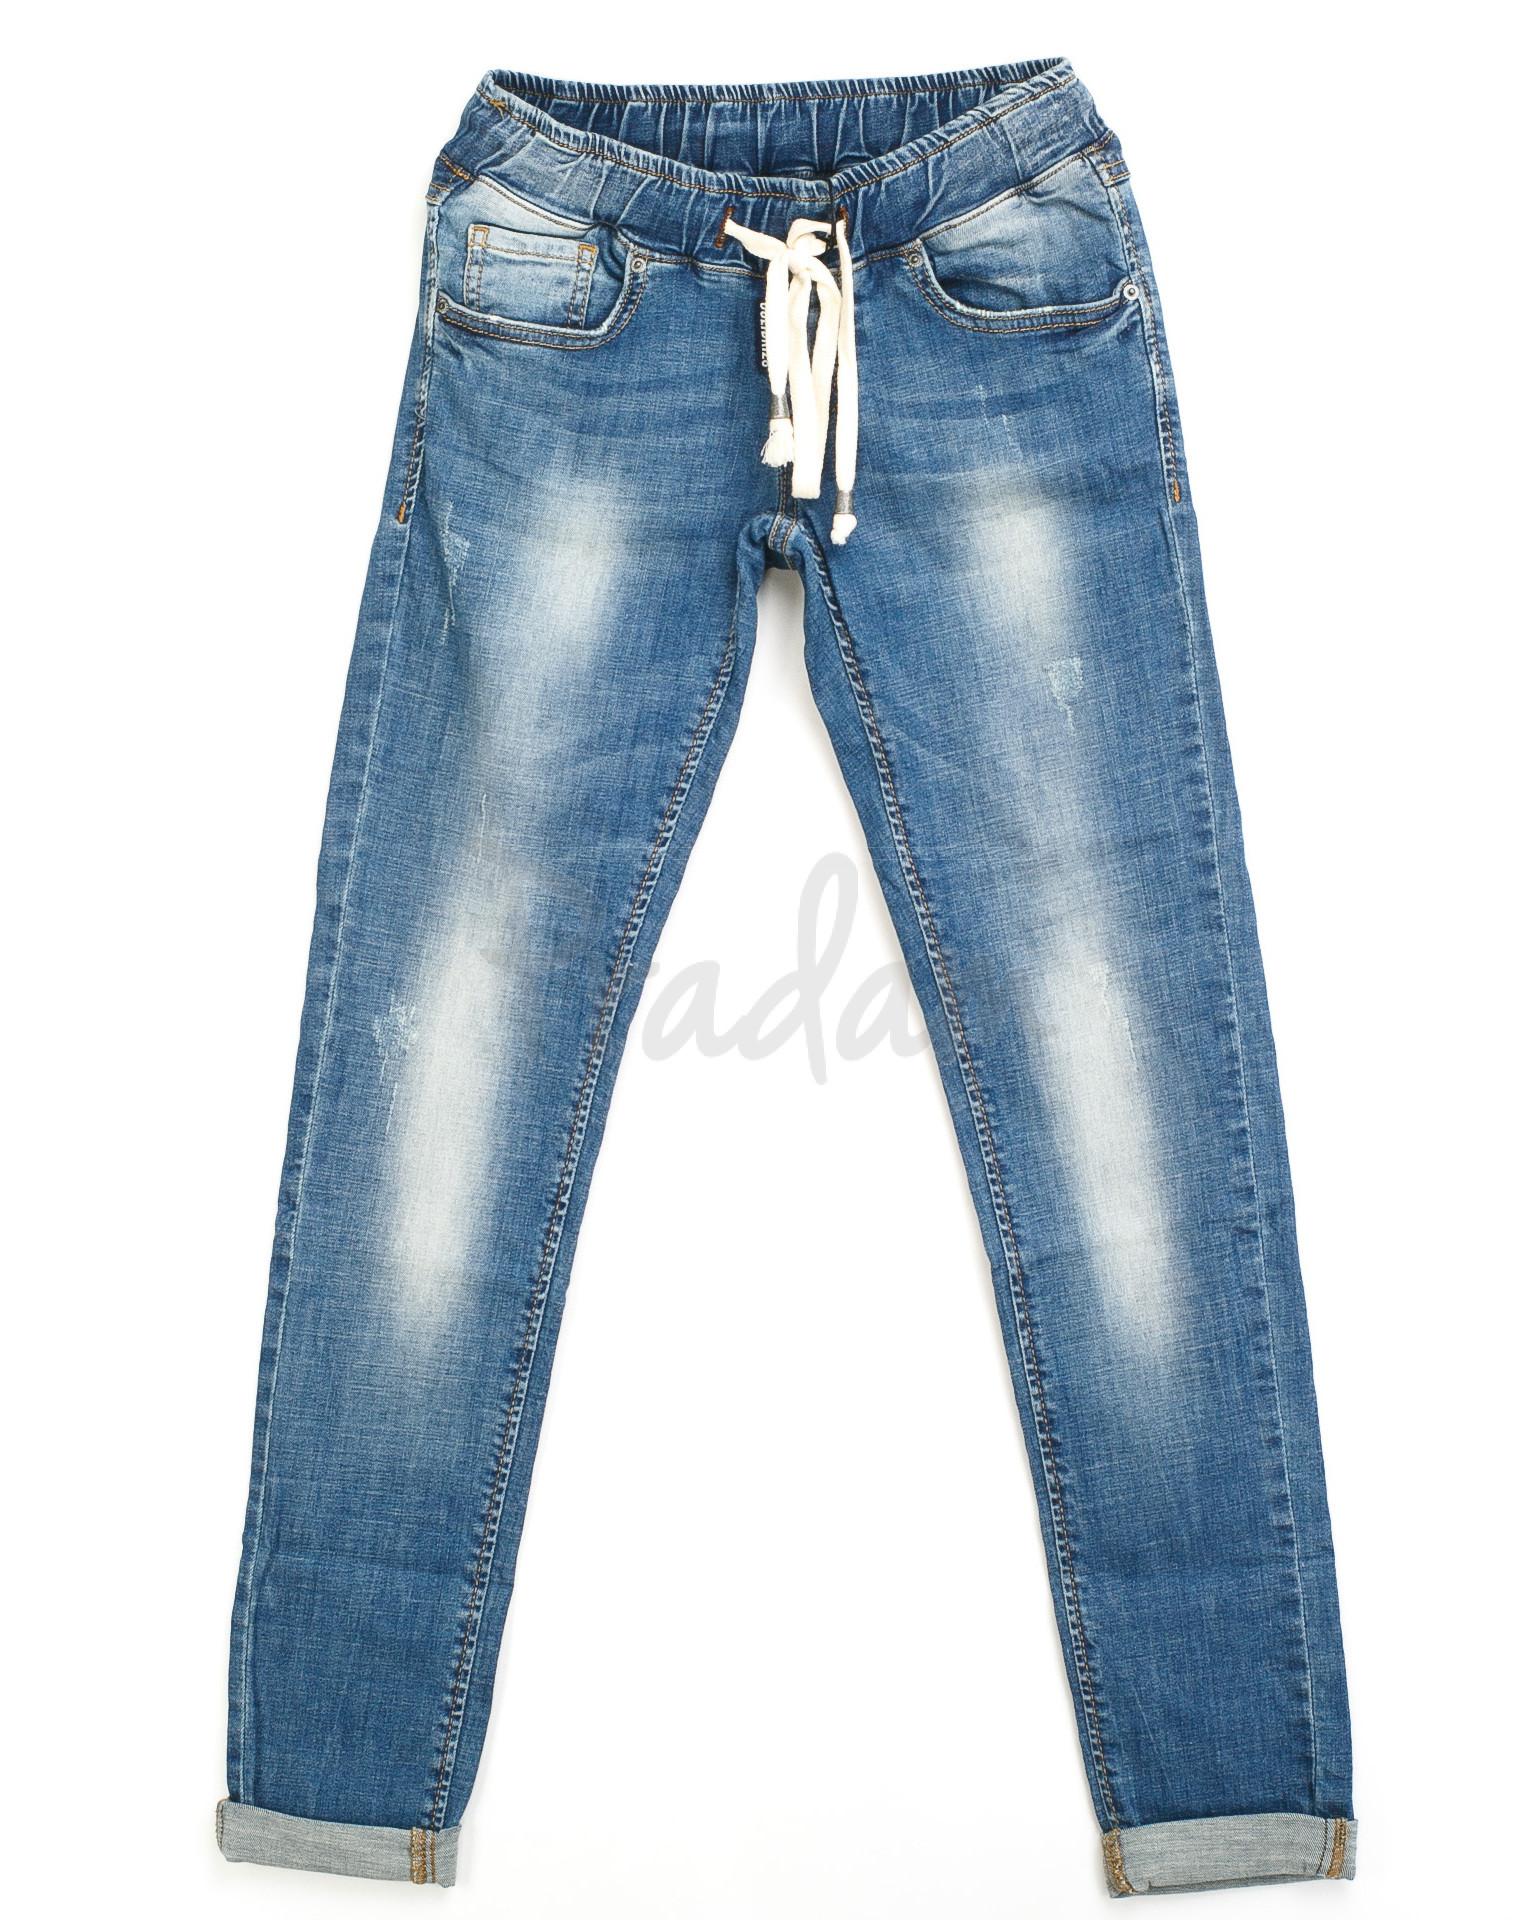 ff2a82fd80a женские джинсы на резинке 9213-550 H (25-30